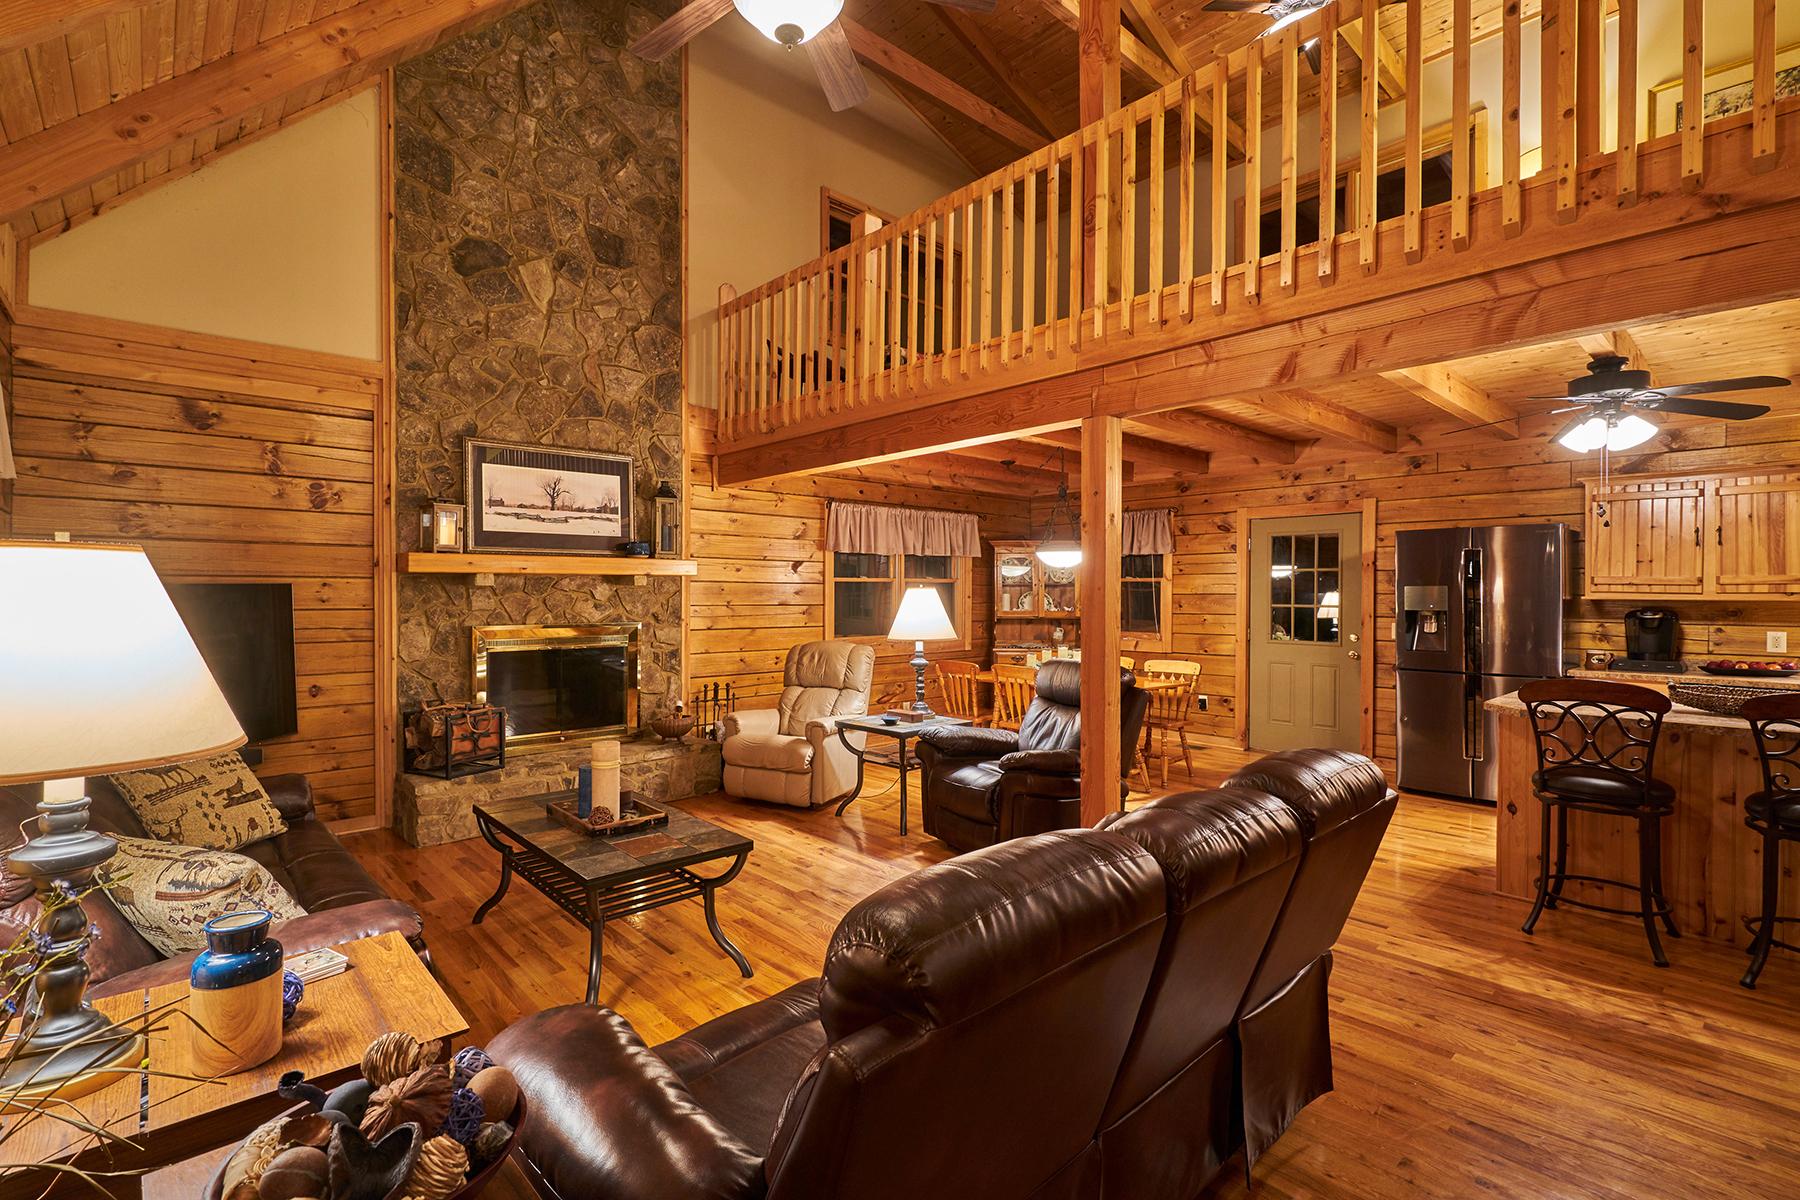 Single Family Homes for Active at SUGAR GROVE 985 Laurel Creek Rd Sugar Grove, North Carolina 28679 United States